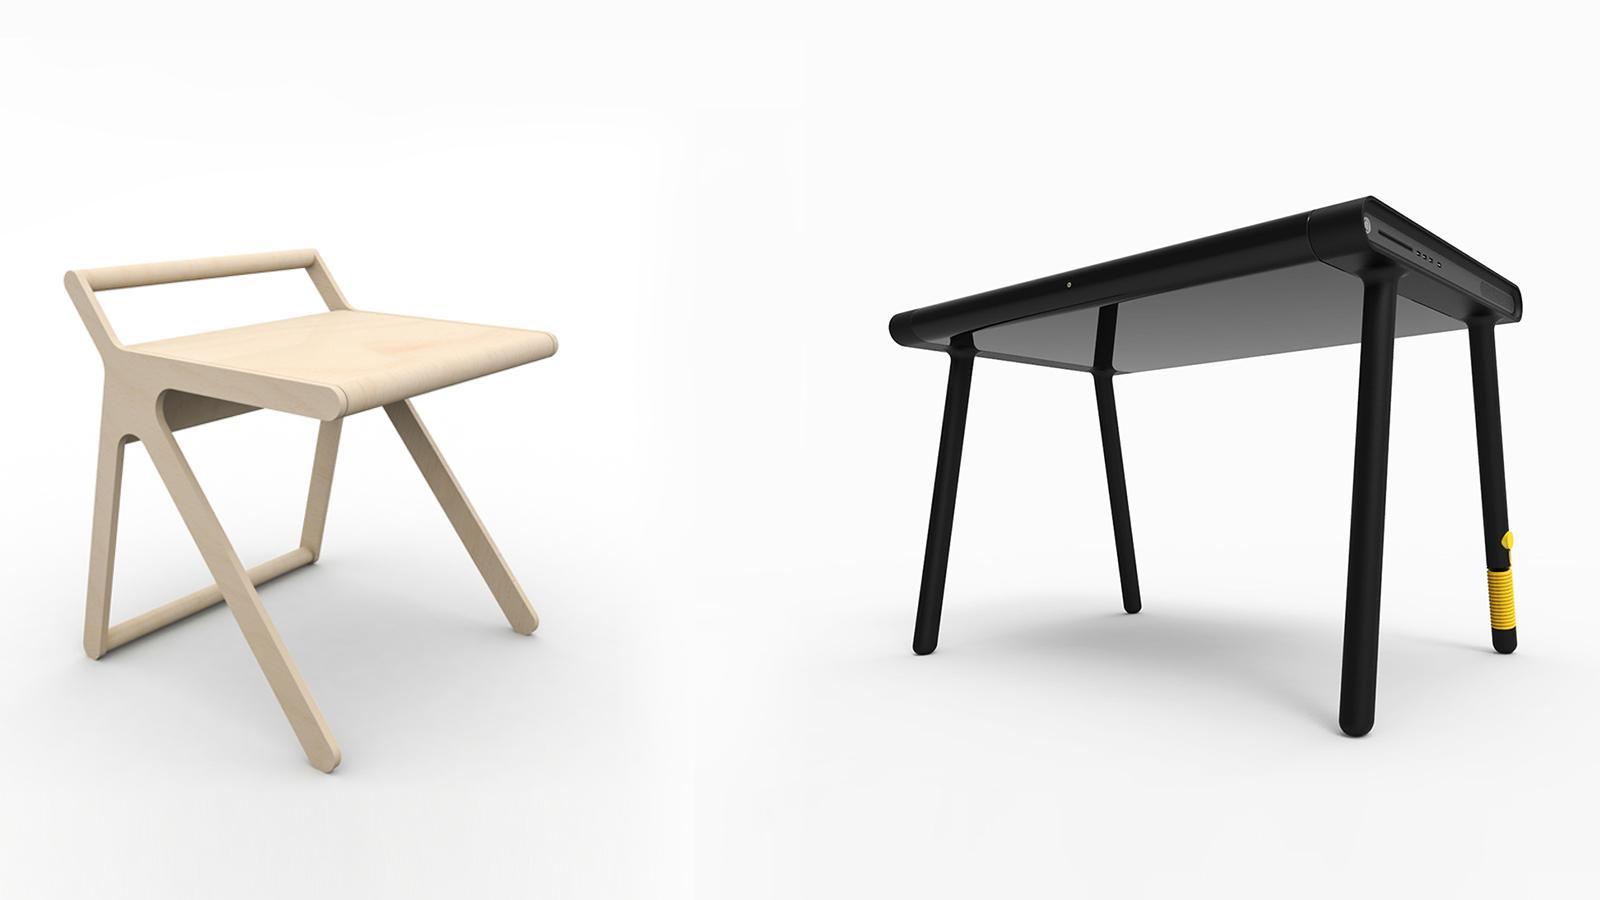 C Walker vs K Desk